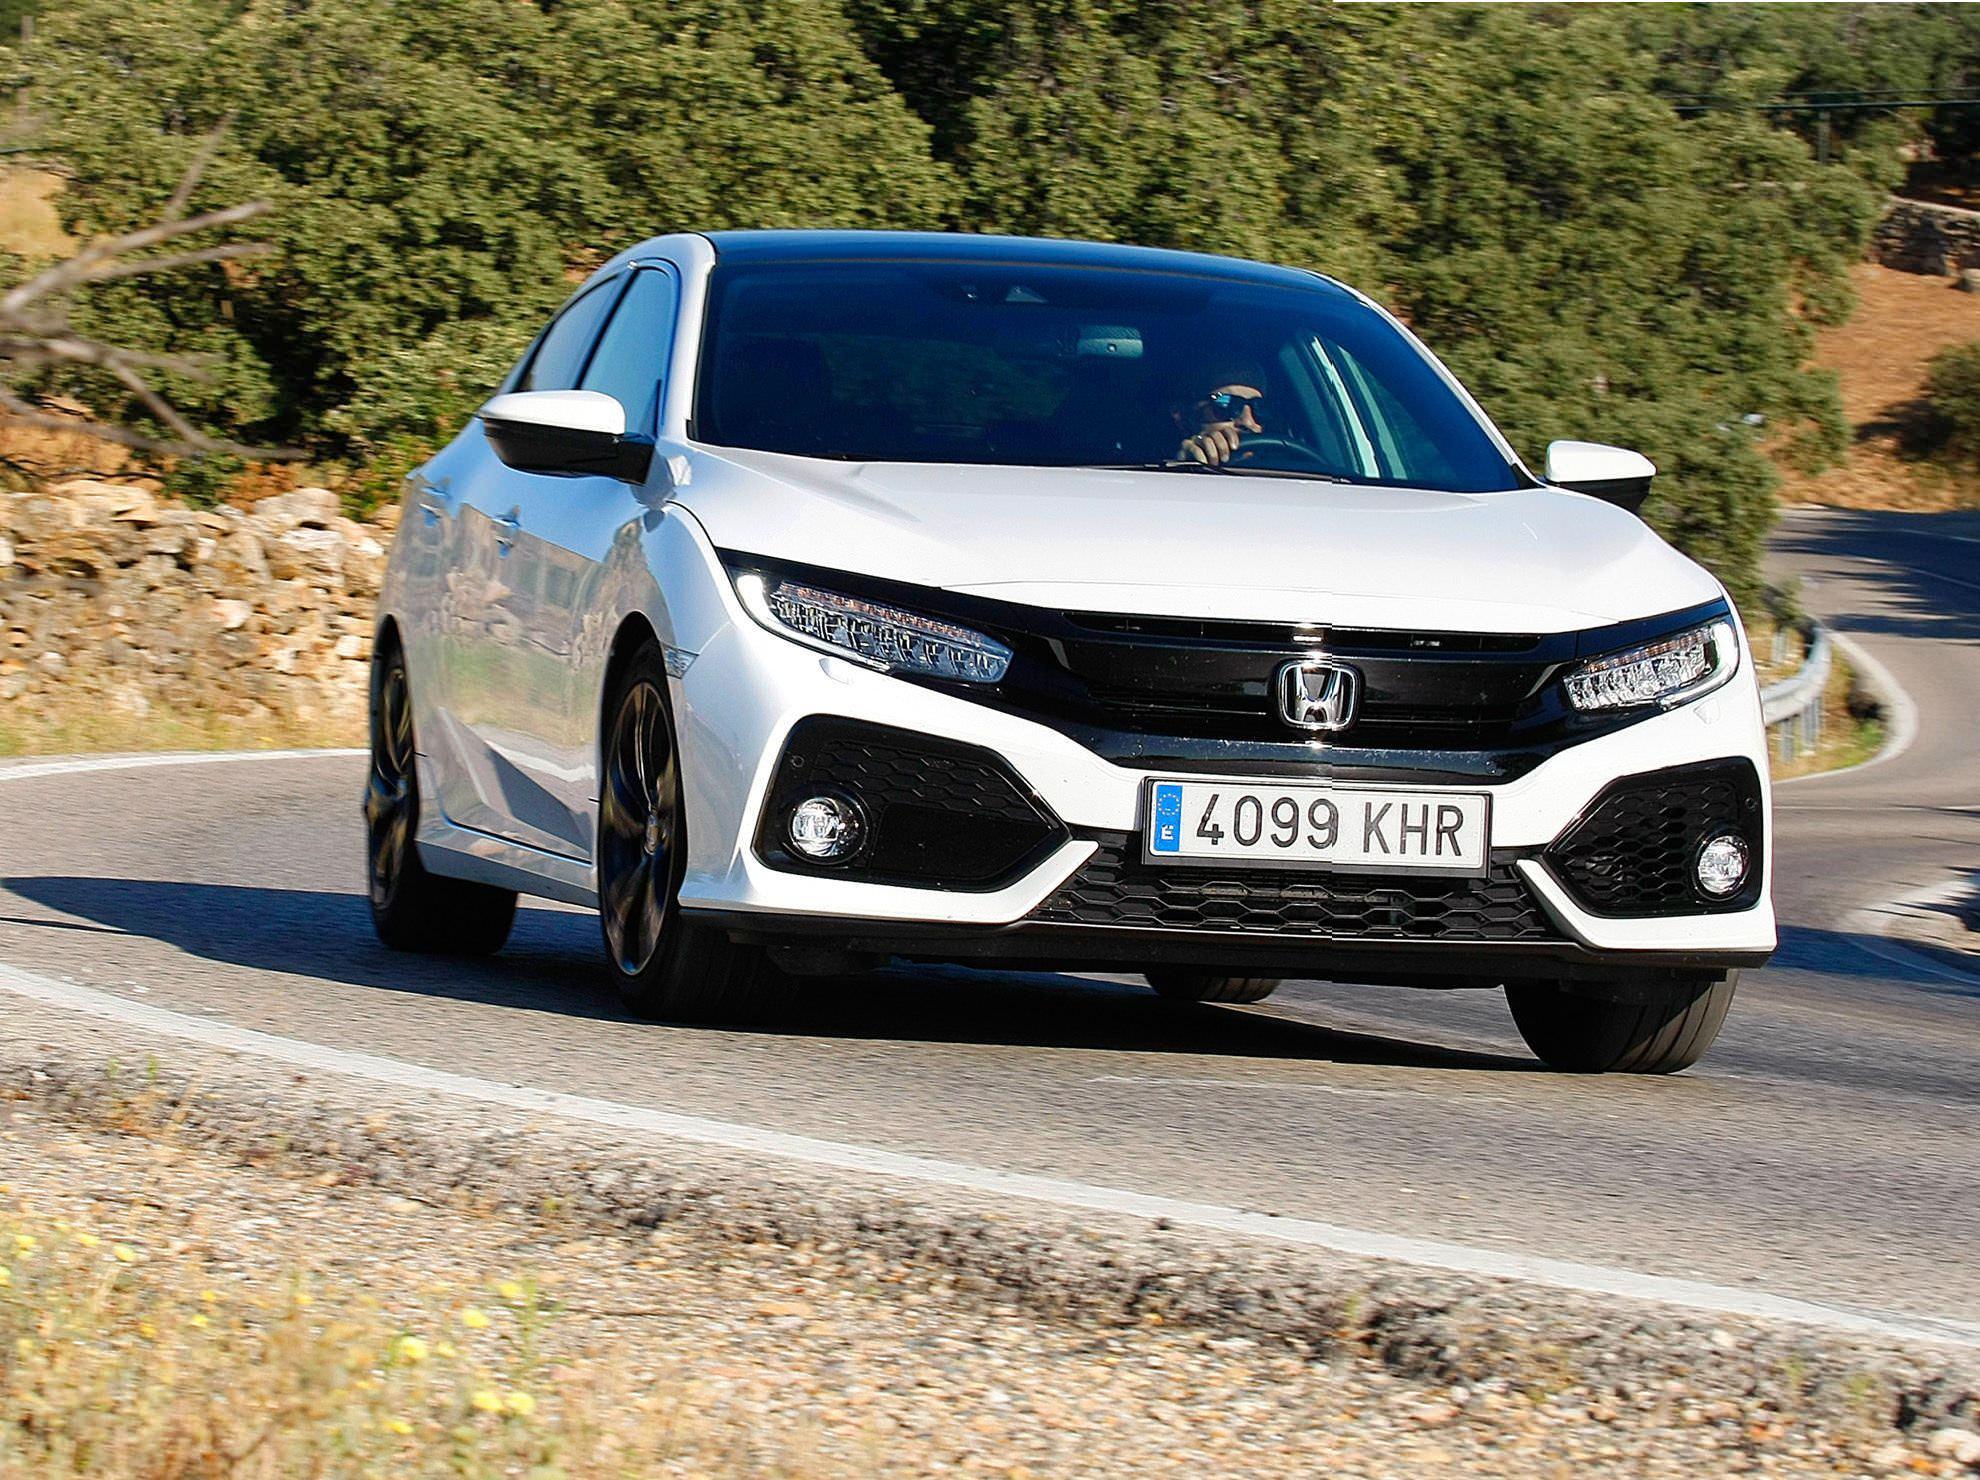 Honda Civic 1.6 I-dtec 120 Cv Executivela Última Oportunidad